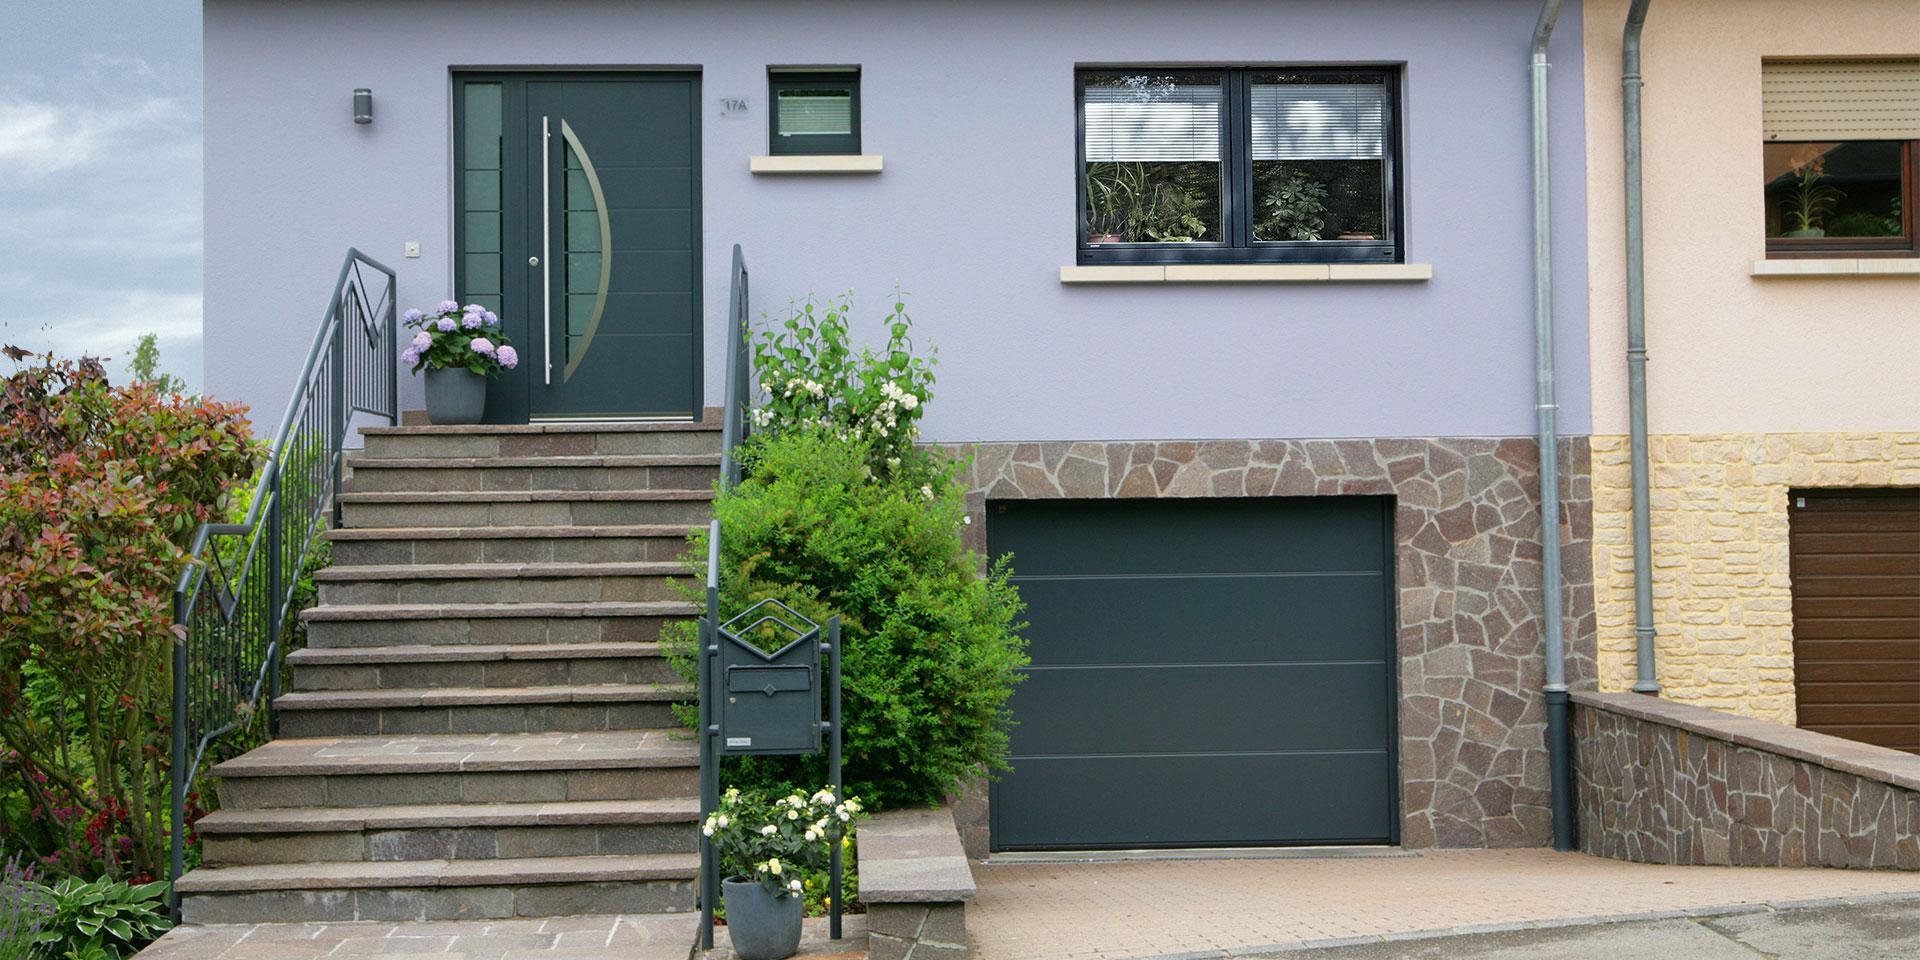 Lila Einfamilienhaus mit einer grau lackierten Coplaning Haustür, grauen Coplaning Fenster und einem grauen Coplaning Garagentor.